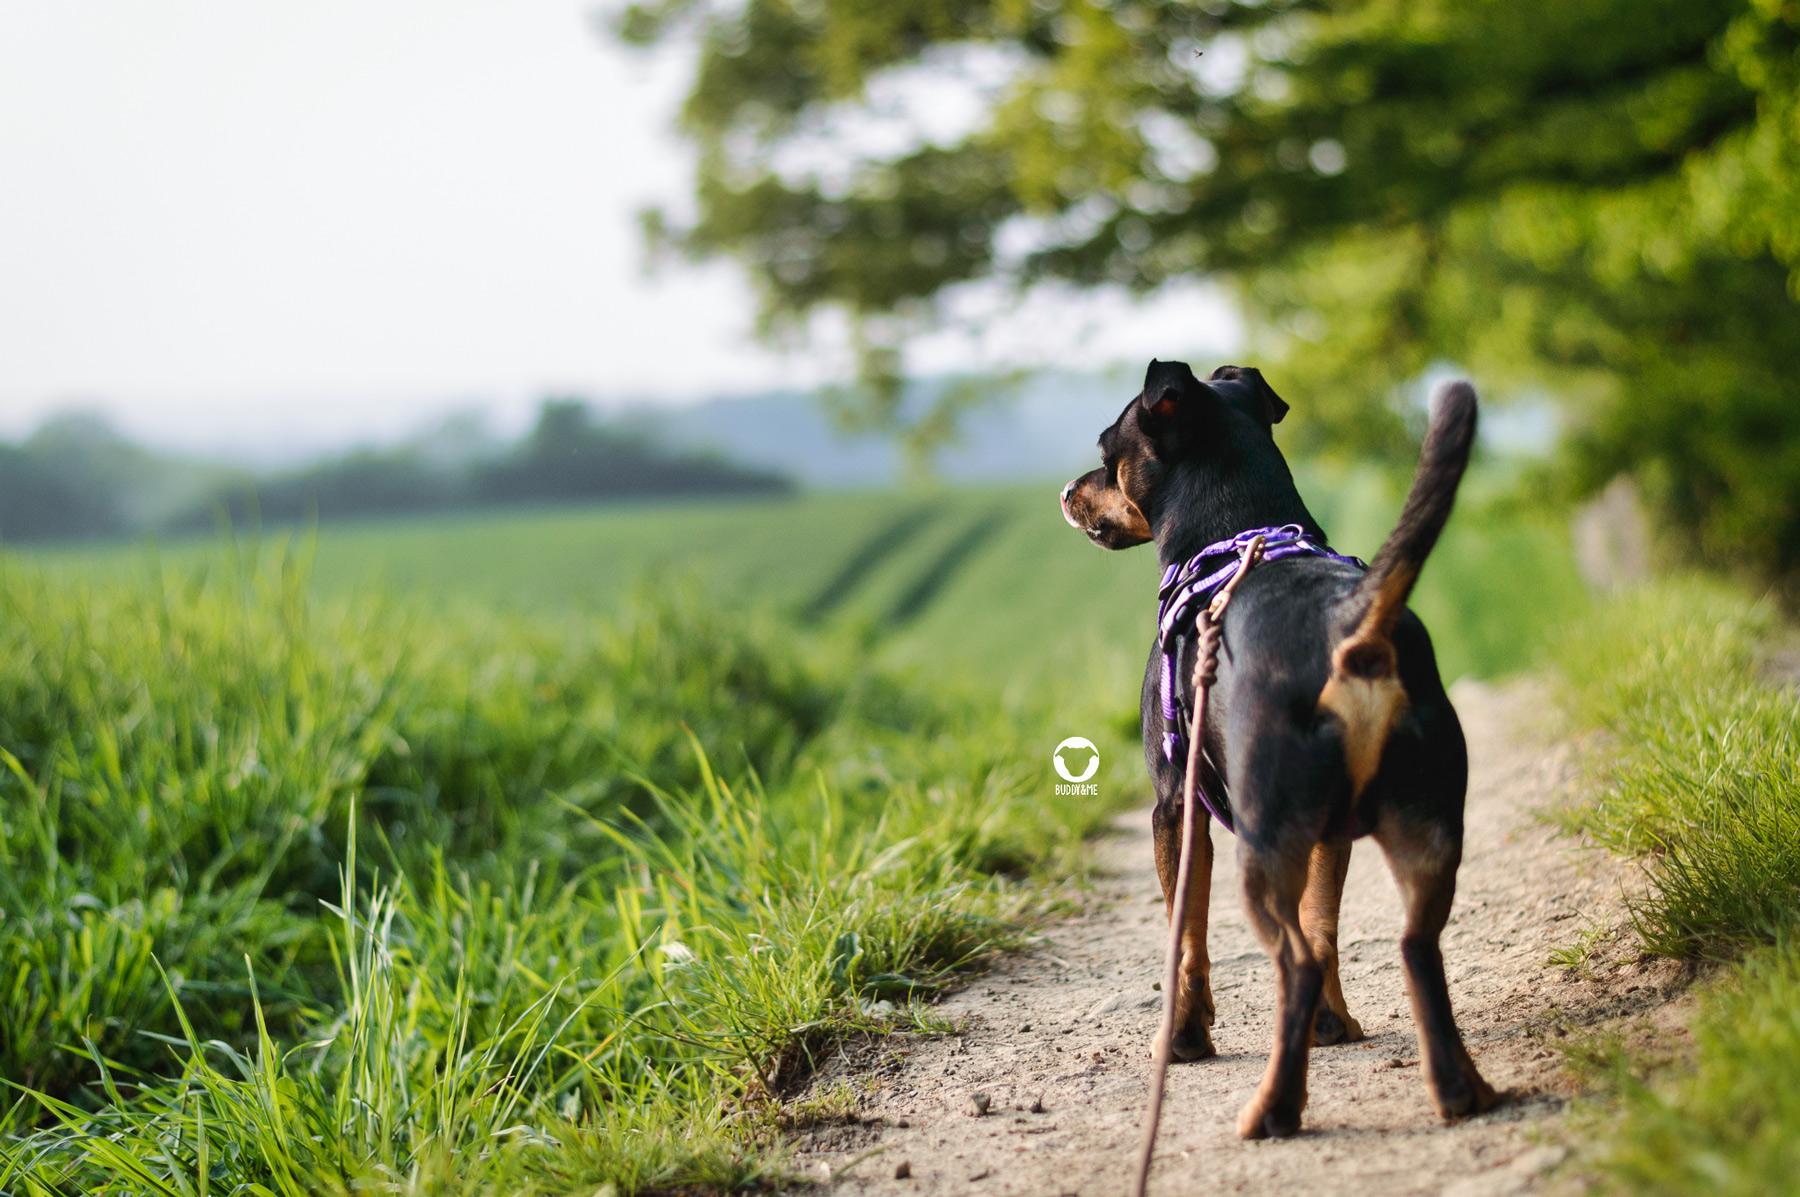 Pinscher Buddy, Buddy and Me, Hundeblog, Dogblog, Essen, Ruhrgebiet, Wandern mit Hund, Spaziergang, Gassi, Natur, Felder, Wald, Wiesen, Fischlaken, ehemaliges Kutel, Baldeneysee